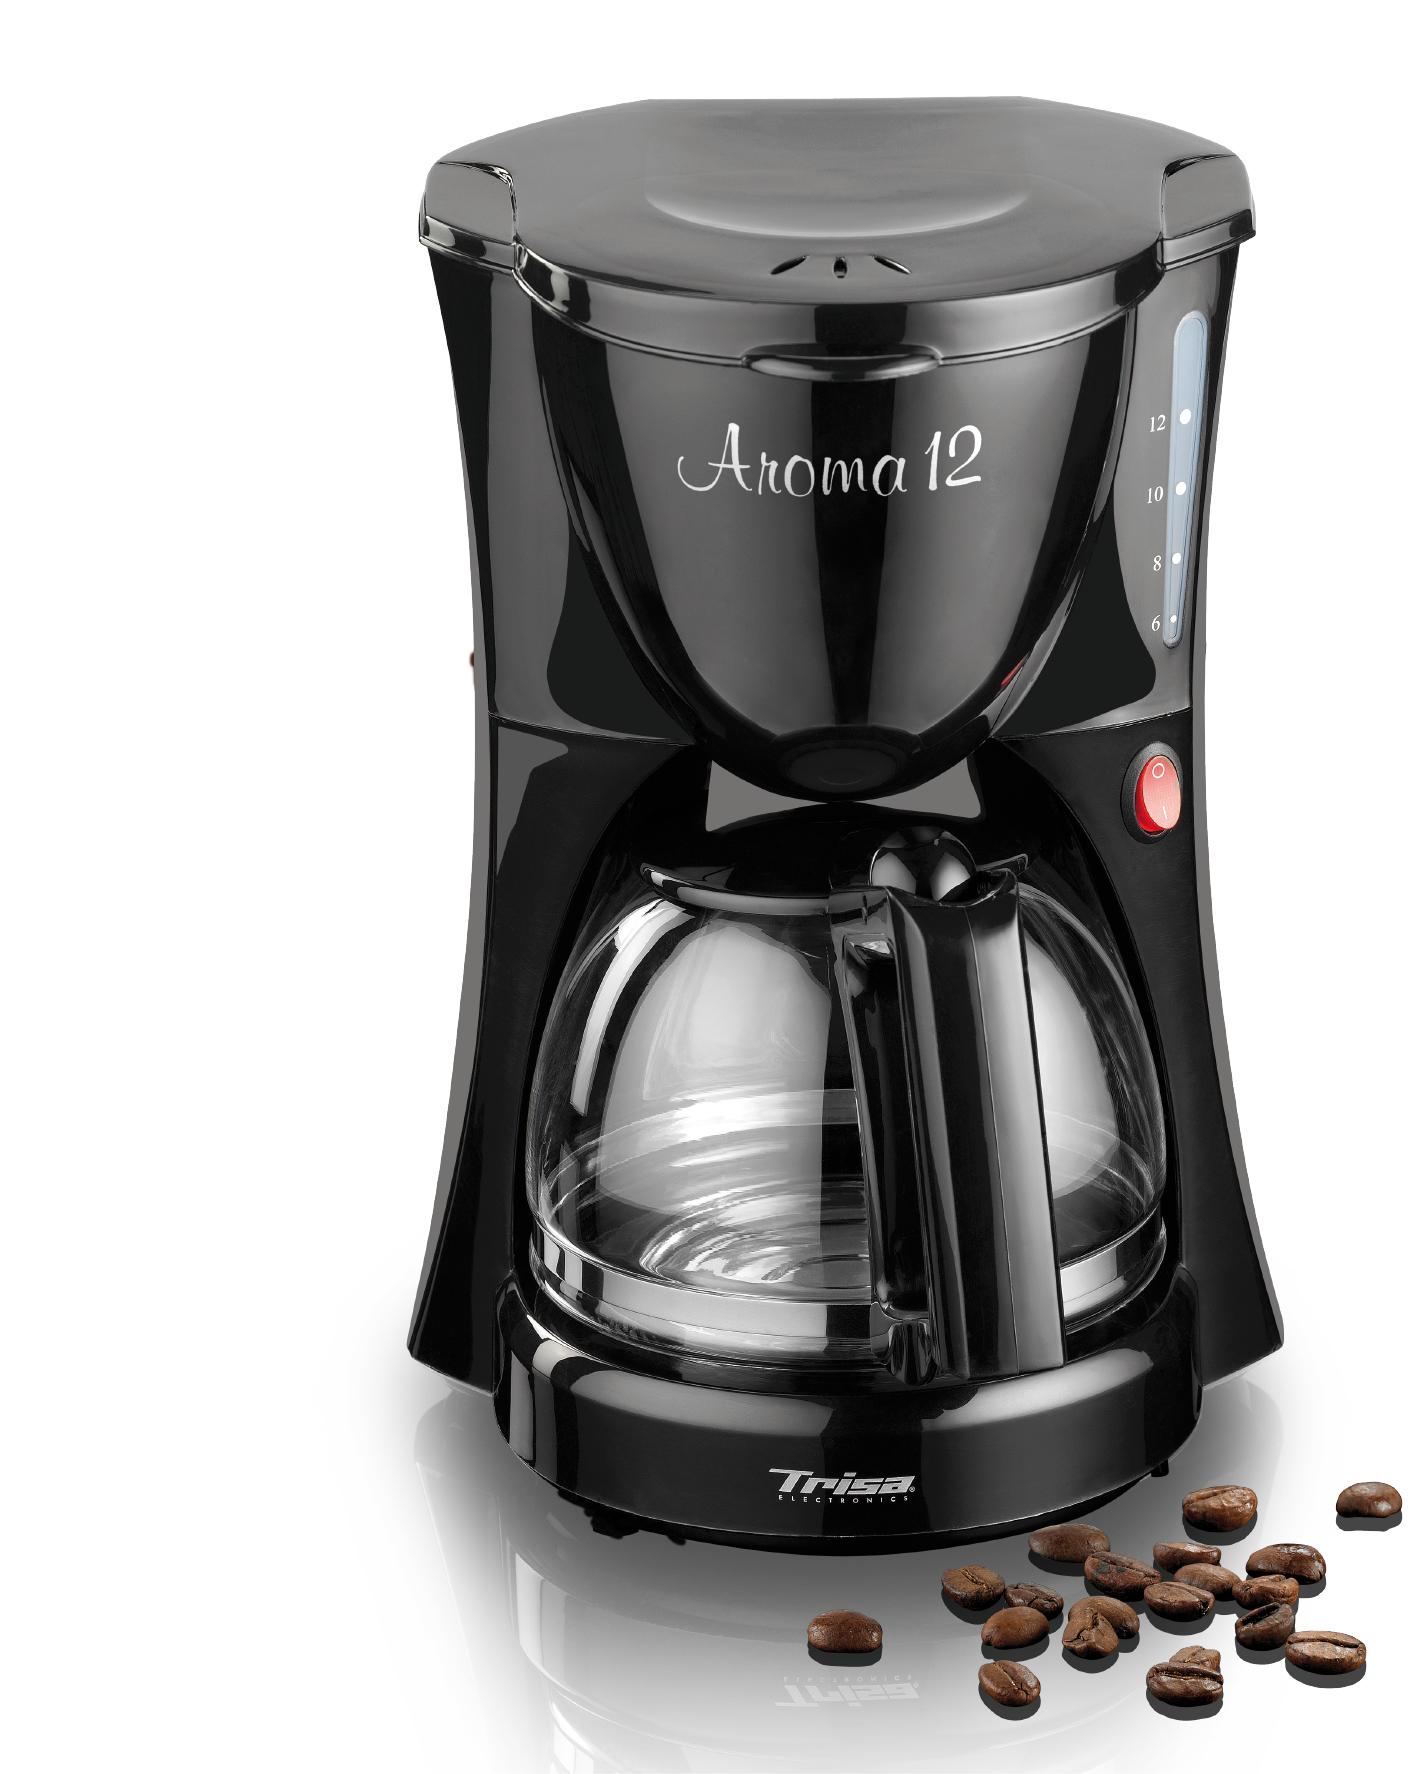 Cafetiera Aroma 12